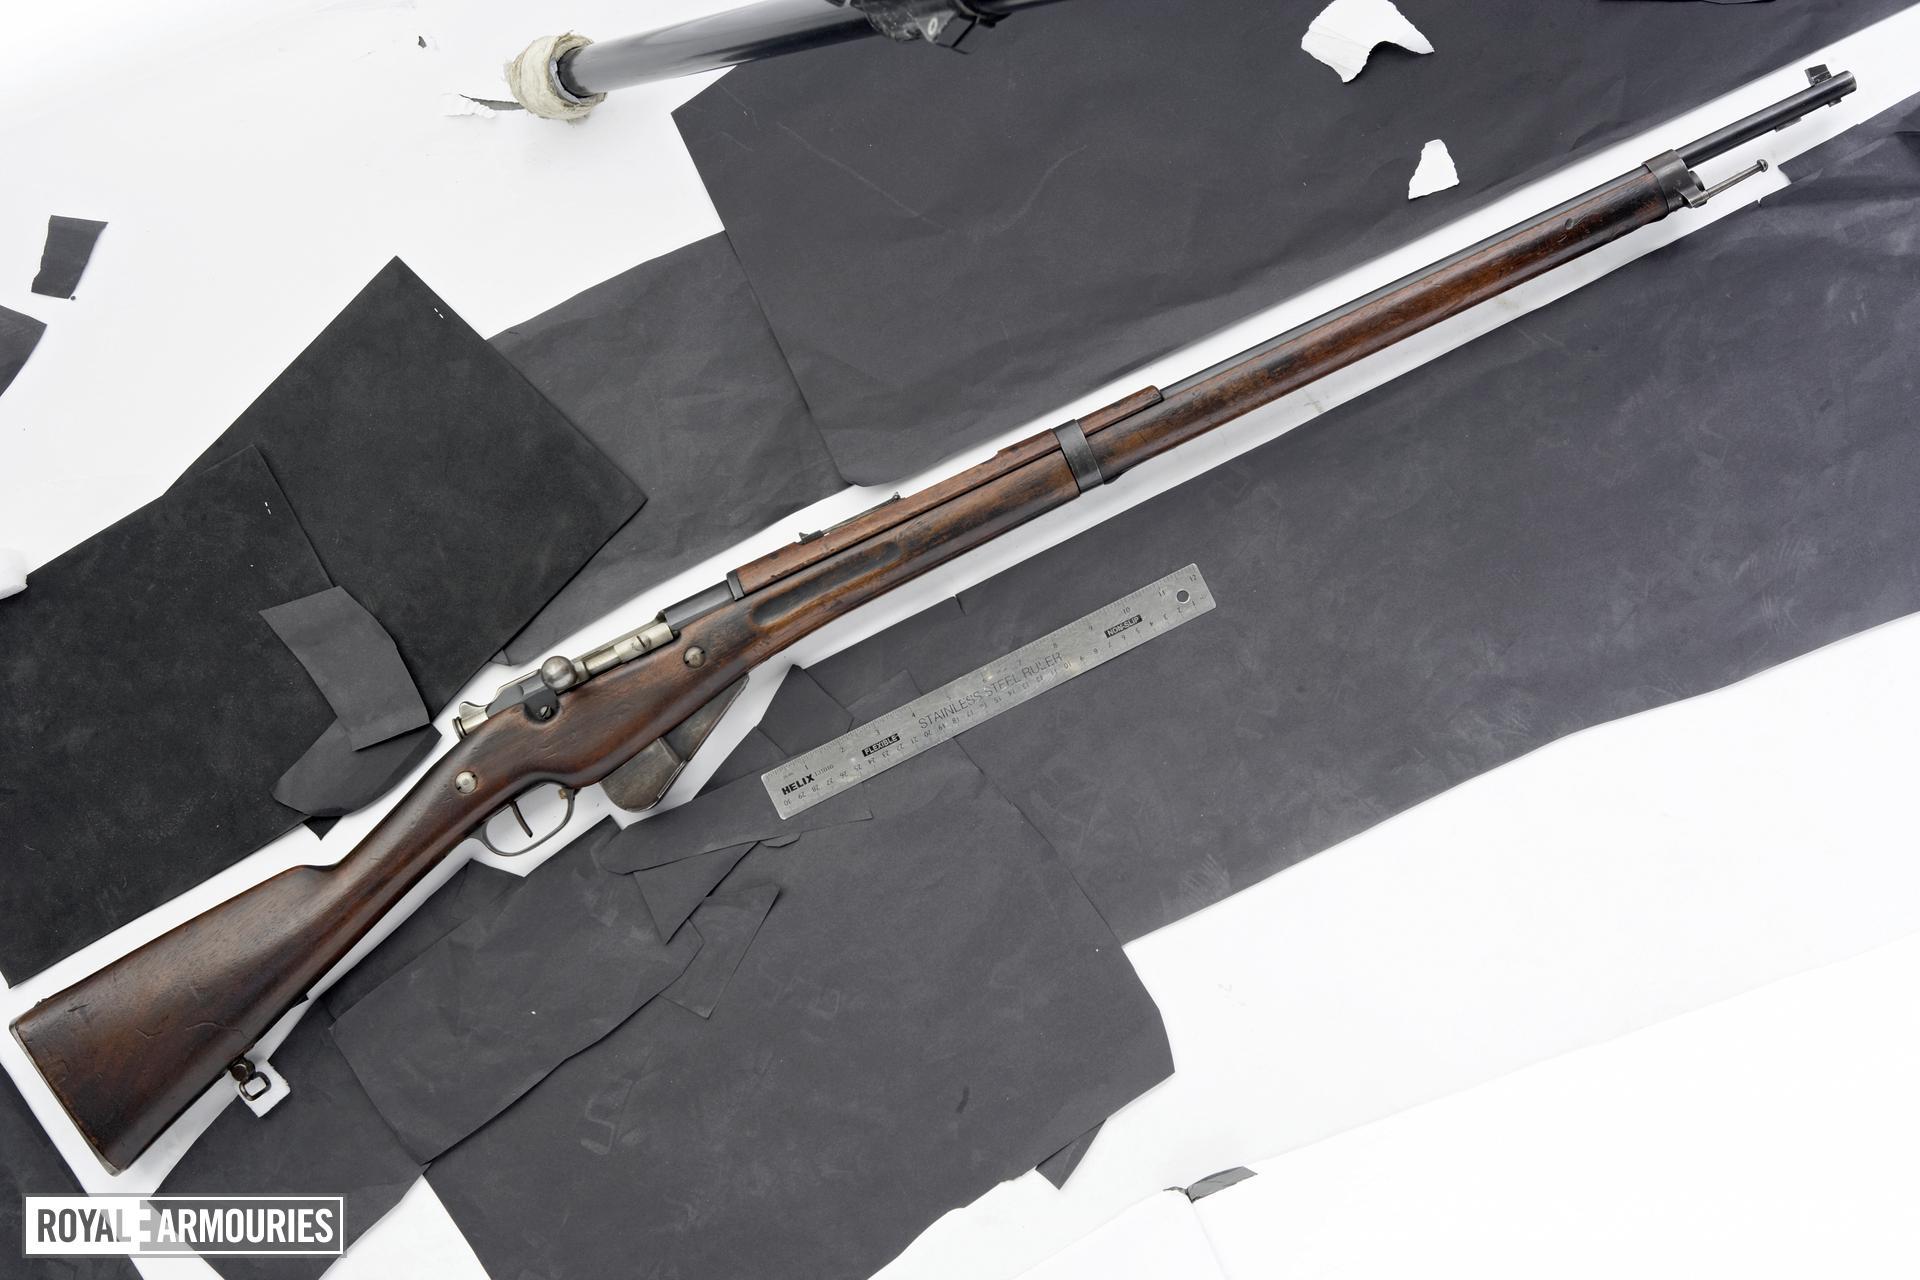 Centrefire bolt-action rifle - Mannlicher-Berthier Model 1916